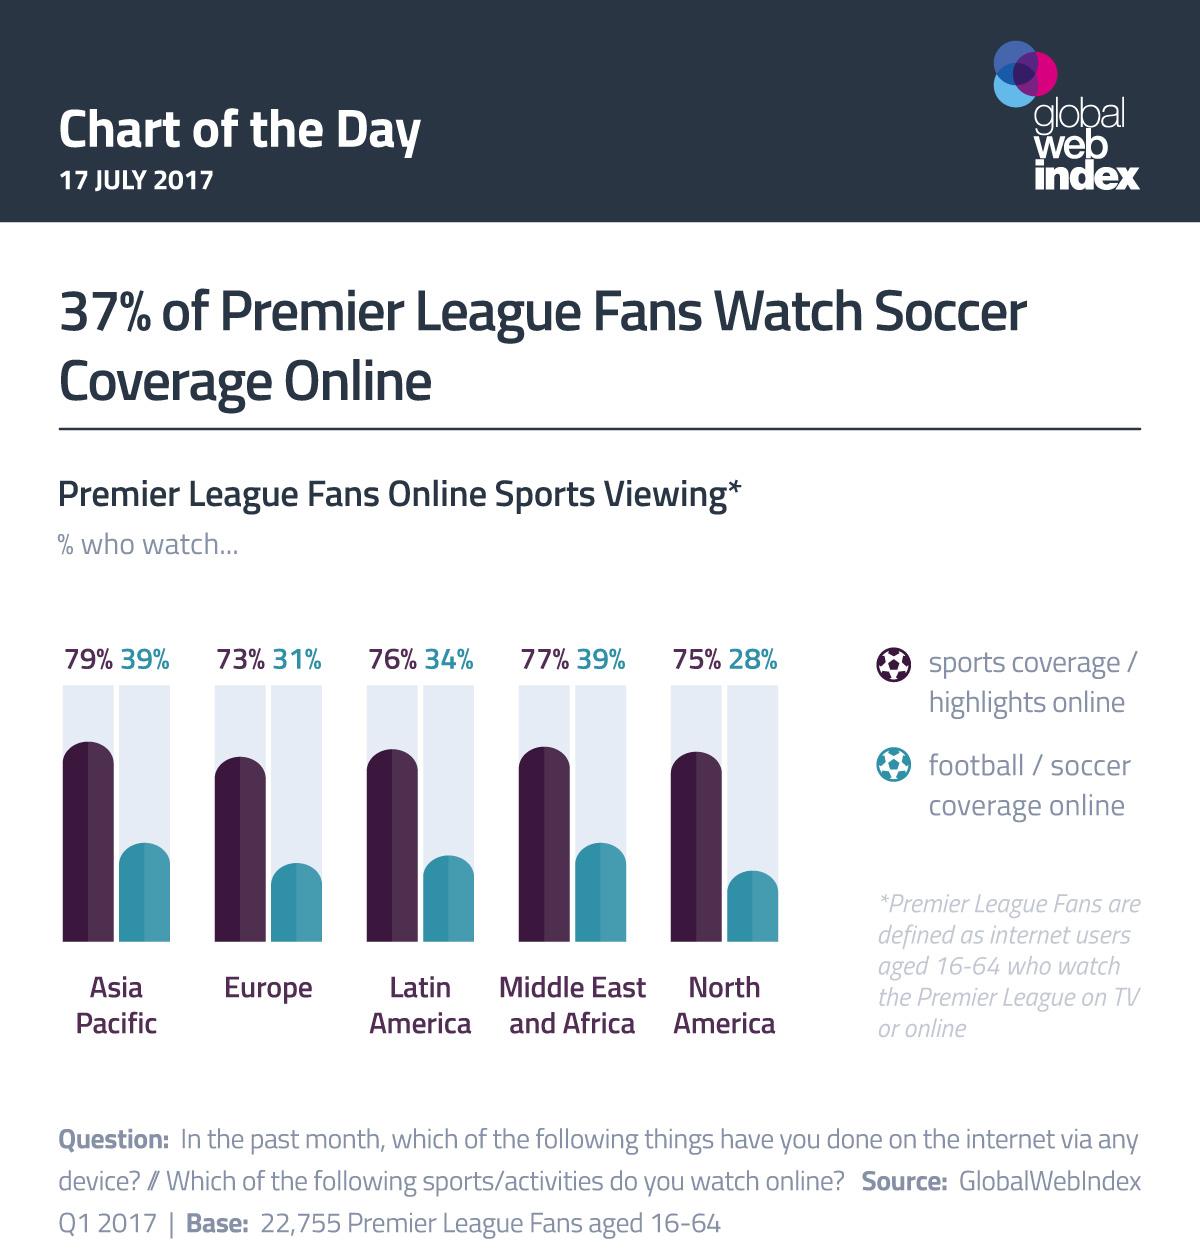 37% of Premier League Fans Watch Soccer Coverage Online